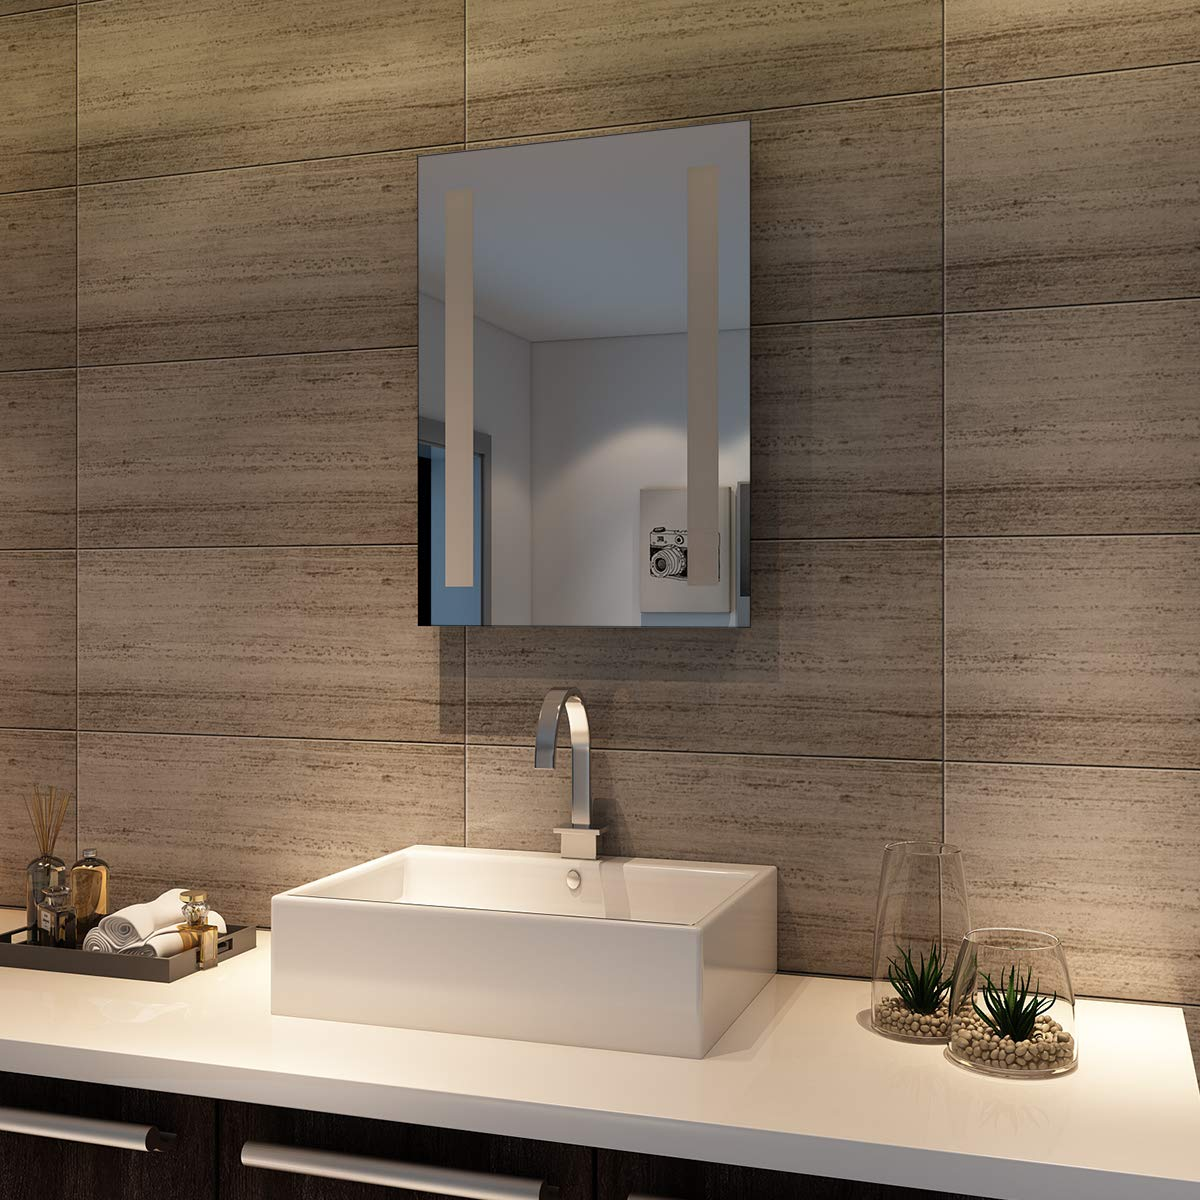 Badspiegel Lichtspiegel LED Spiegel Wandspiegel mit Touch-Schalter 100 100 100 x 60cm kaltweiß IP44 energiesparend beschlagfrei f278ad